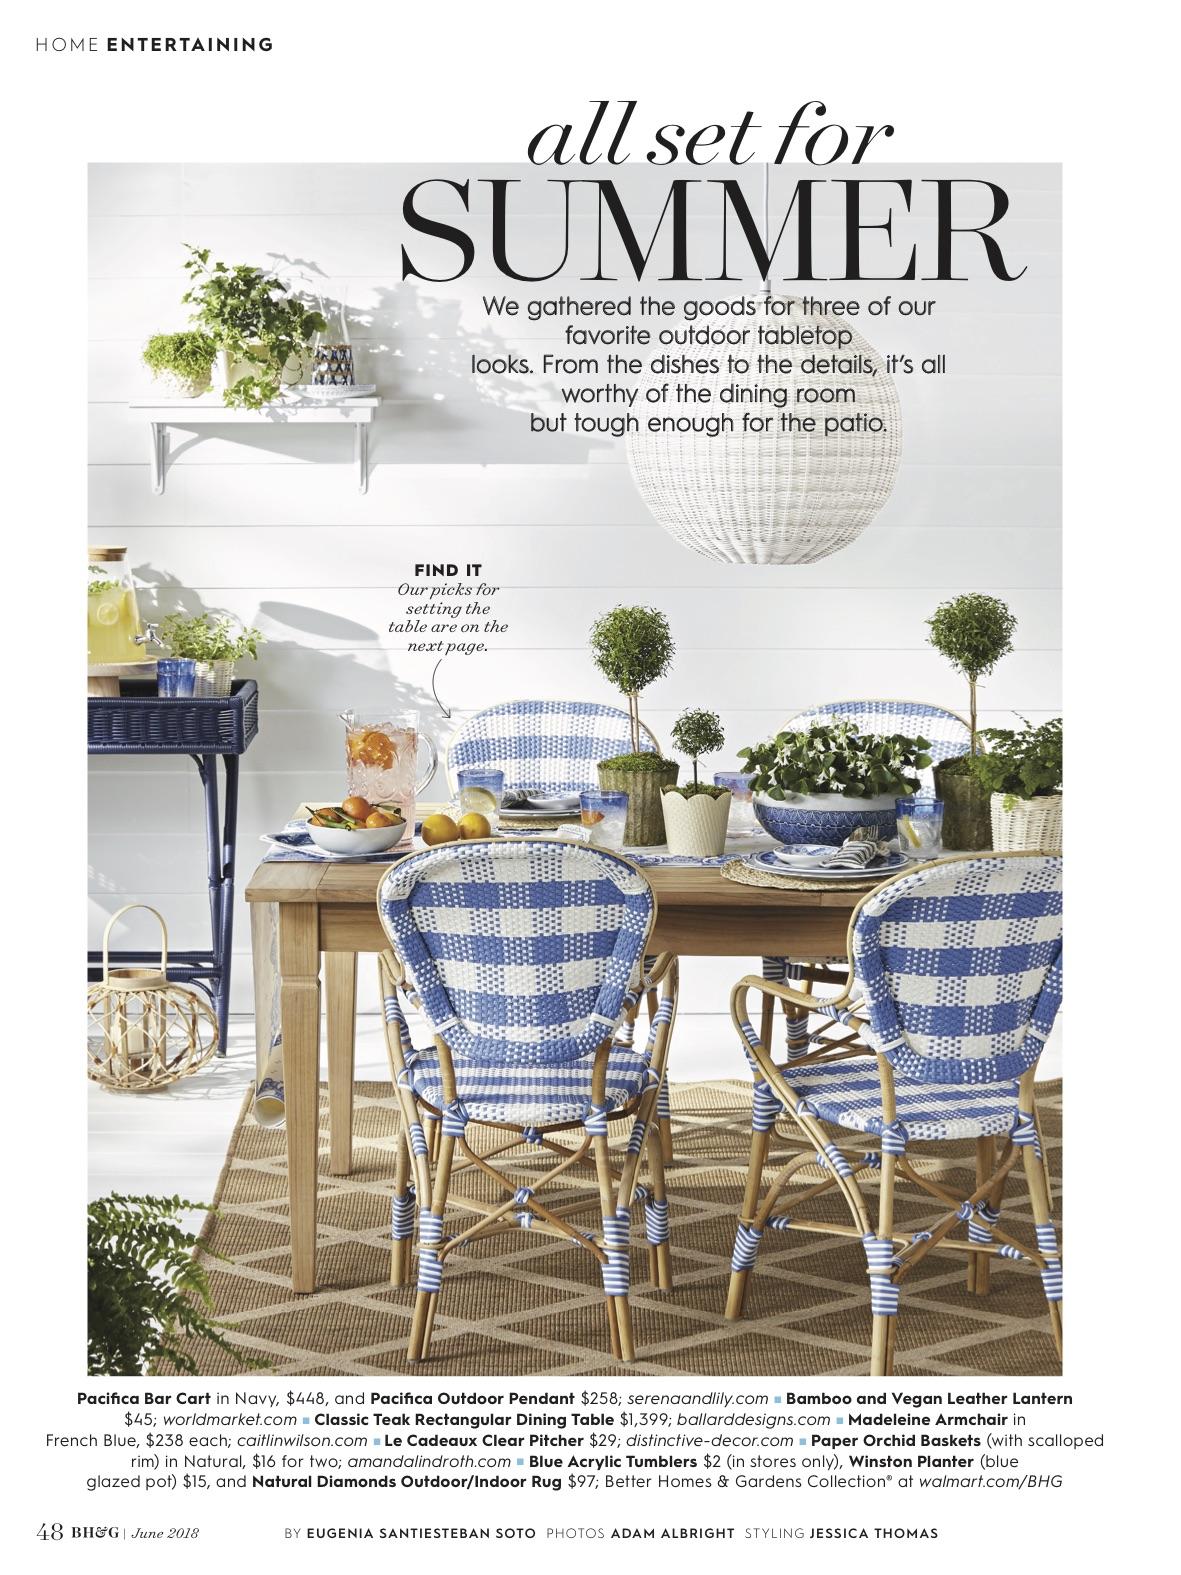 Better Homes & Gardens June 2018